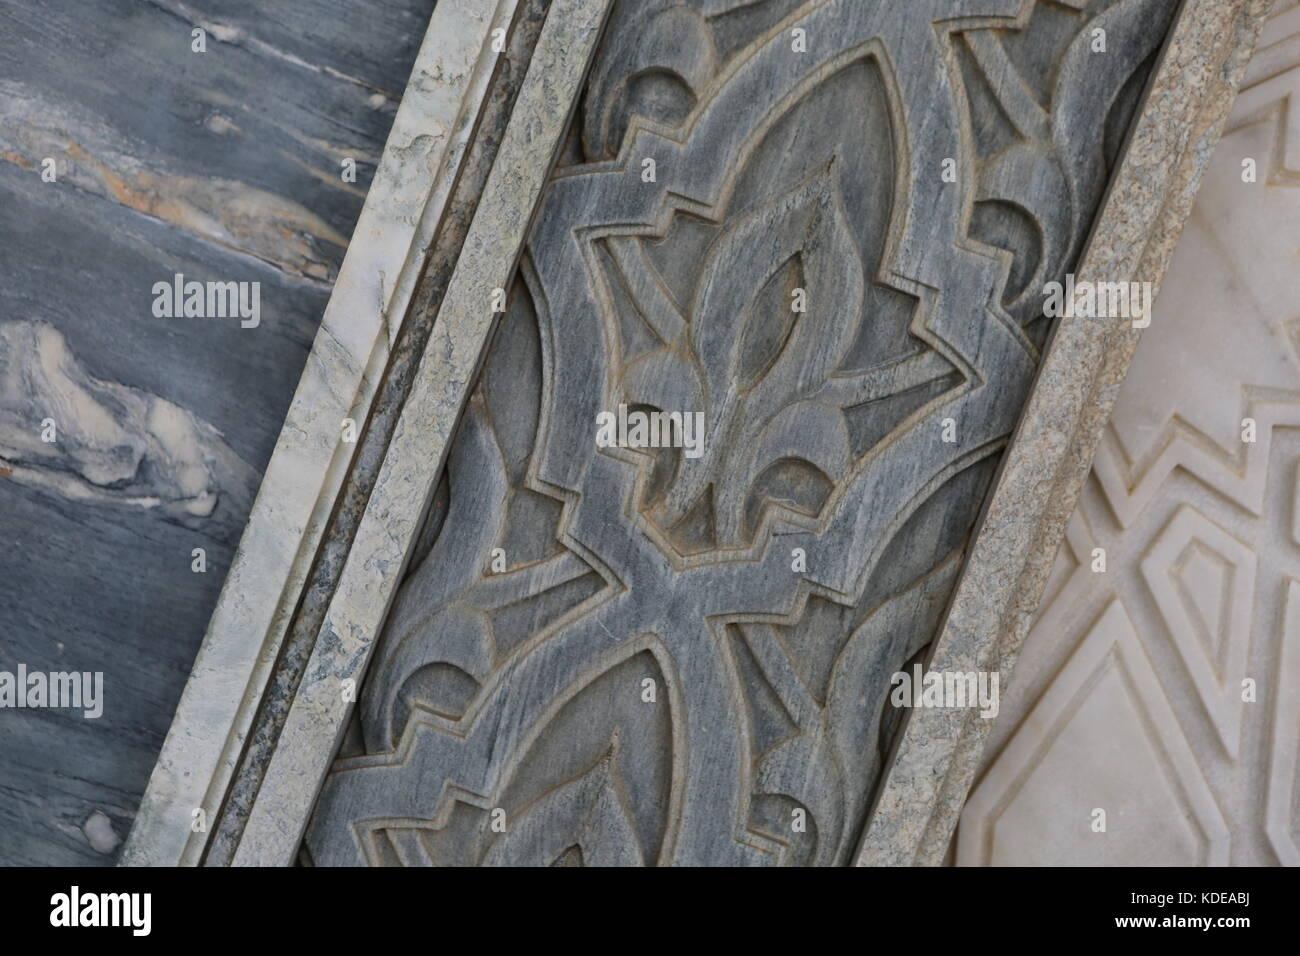 Muster Marokko eine Türe und Zauberstab - Marokko Muster auf Tür und Wand Stockbild